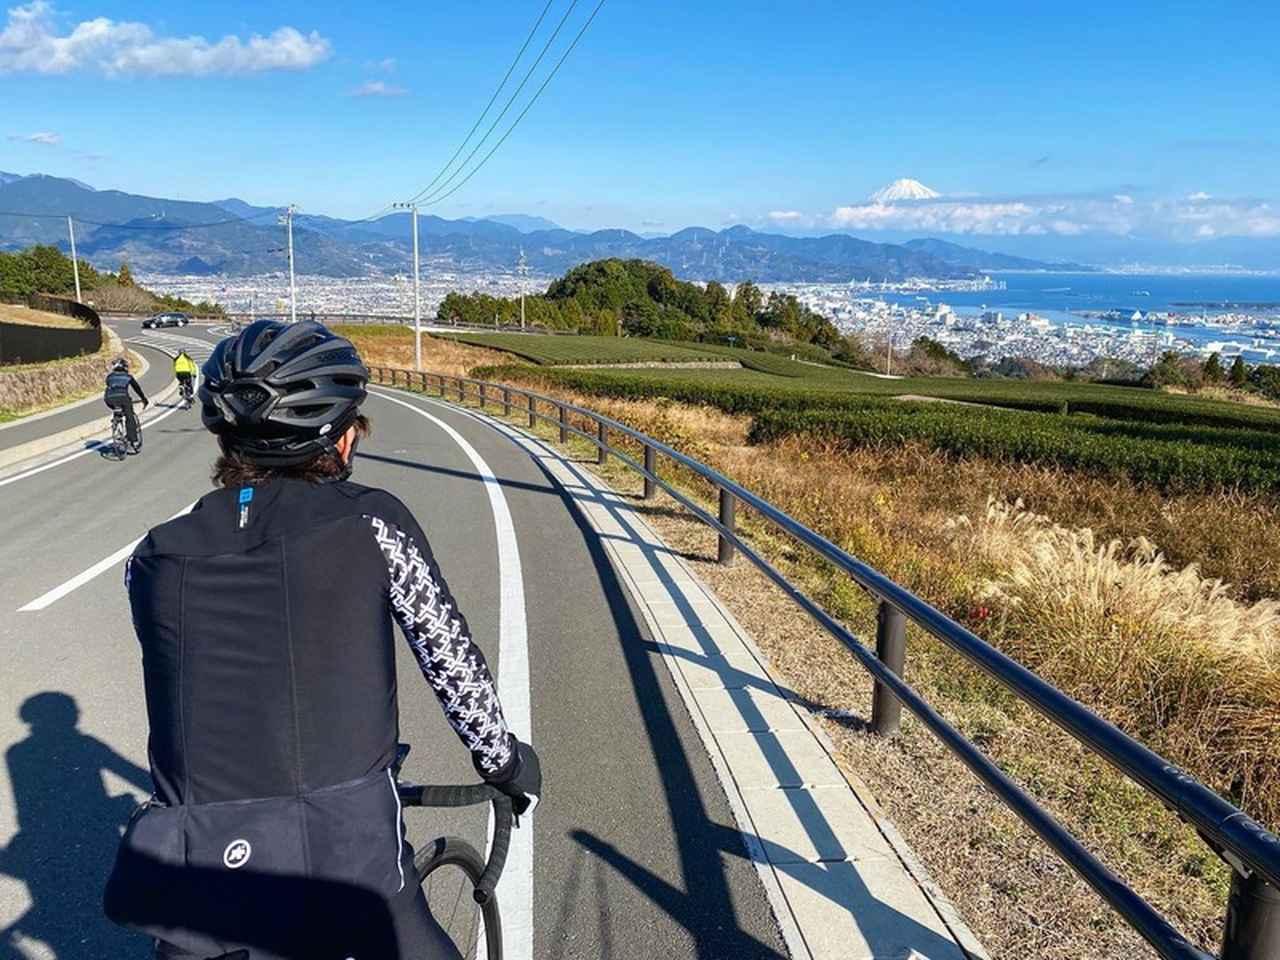 画像: 【安全のために】ロードバイクにはヘルメットが必須アイテム!転倒や事故に備えよう